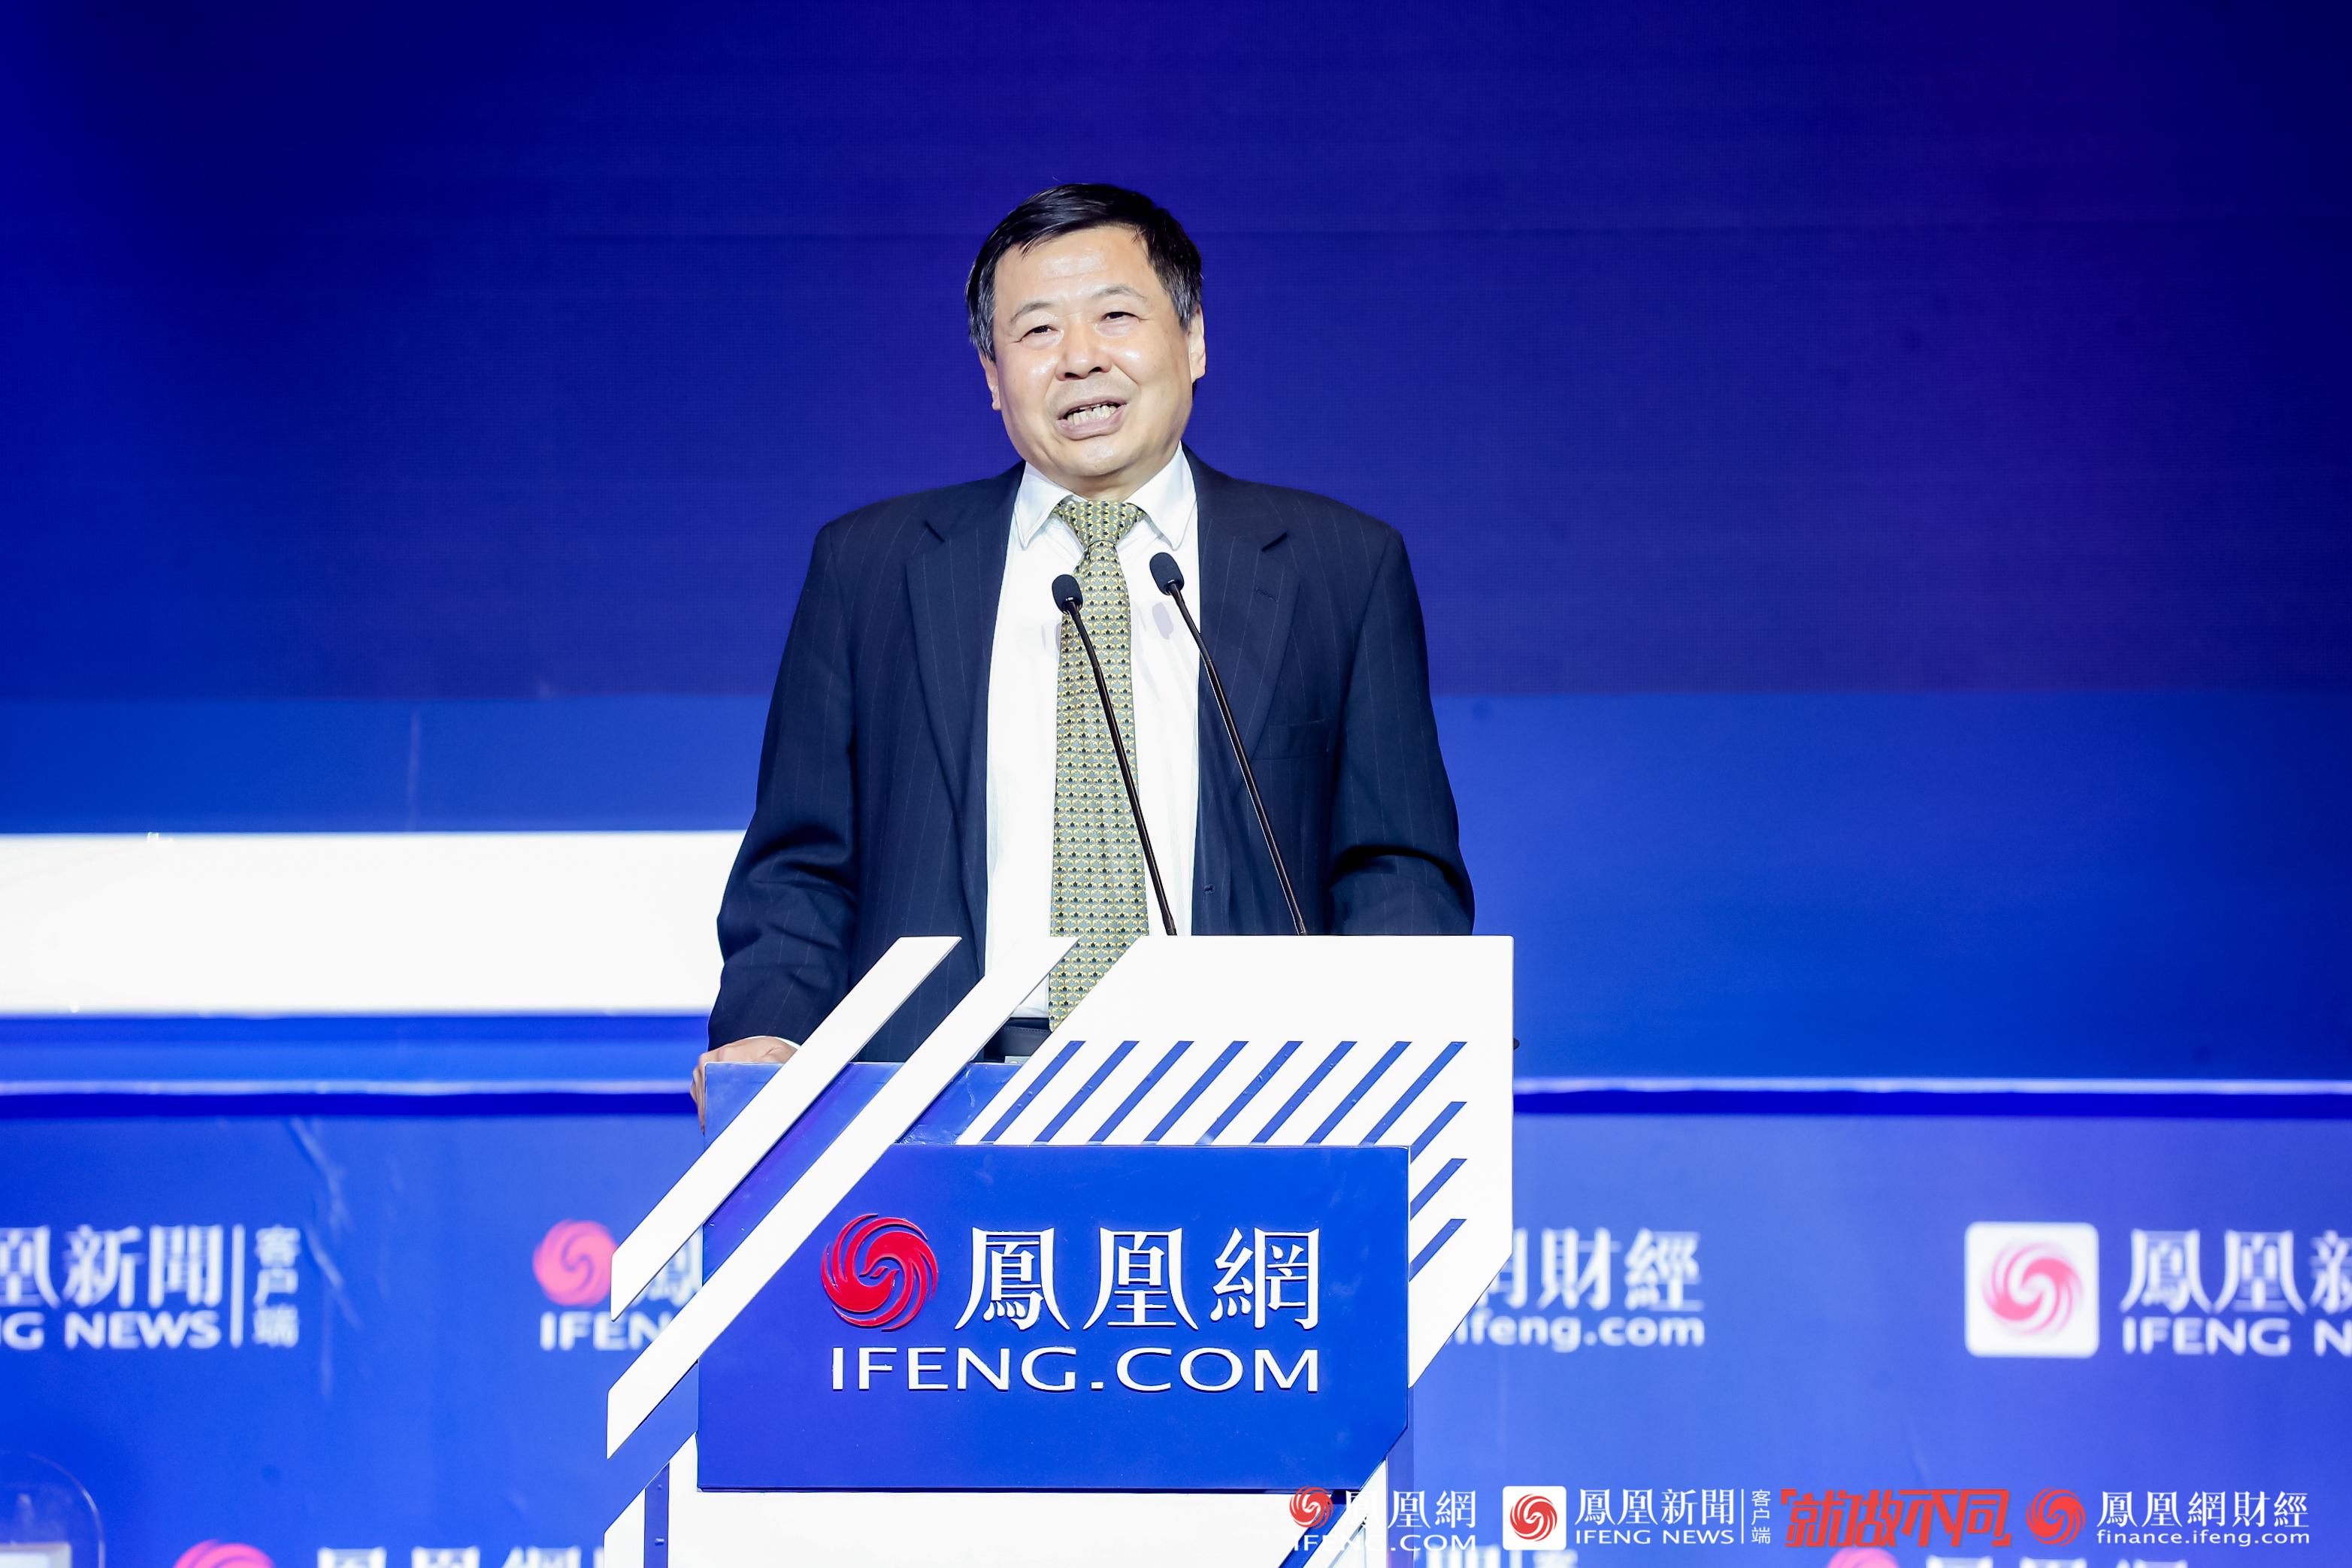 朱光耀:大国之间政策沟通要有新思路新突破 不冲突不对抗